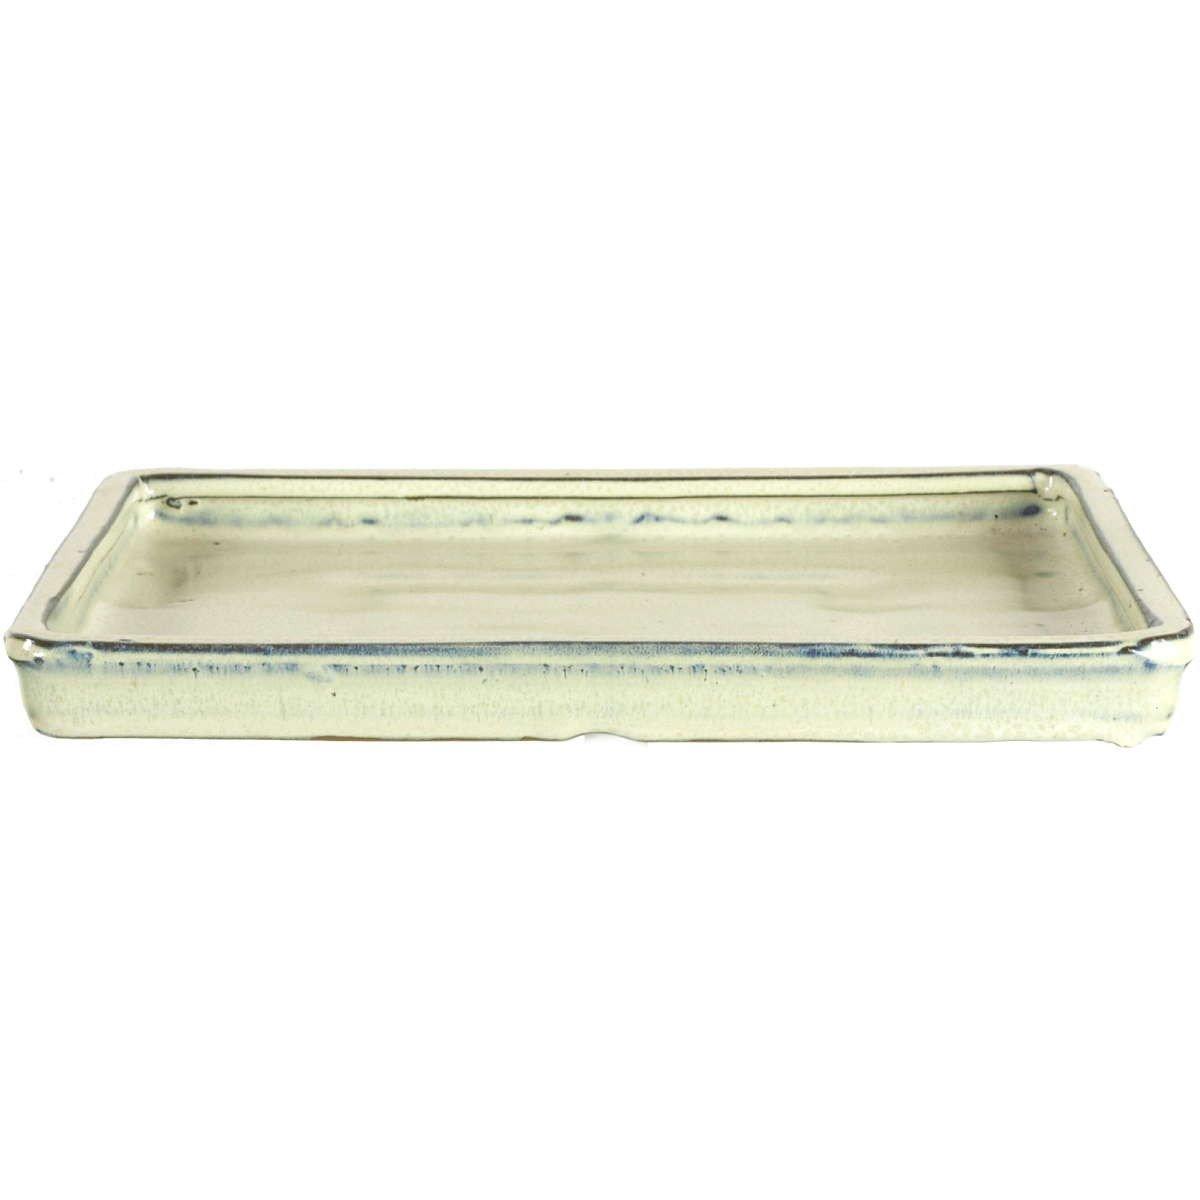 Bonsai Untersetzer 16x12x2cm Wei/ß Oval Glasiert